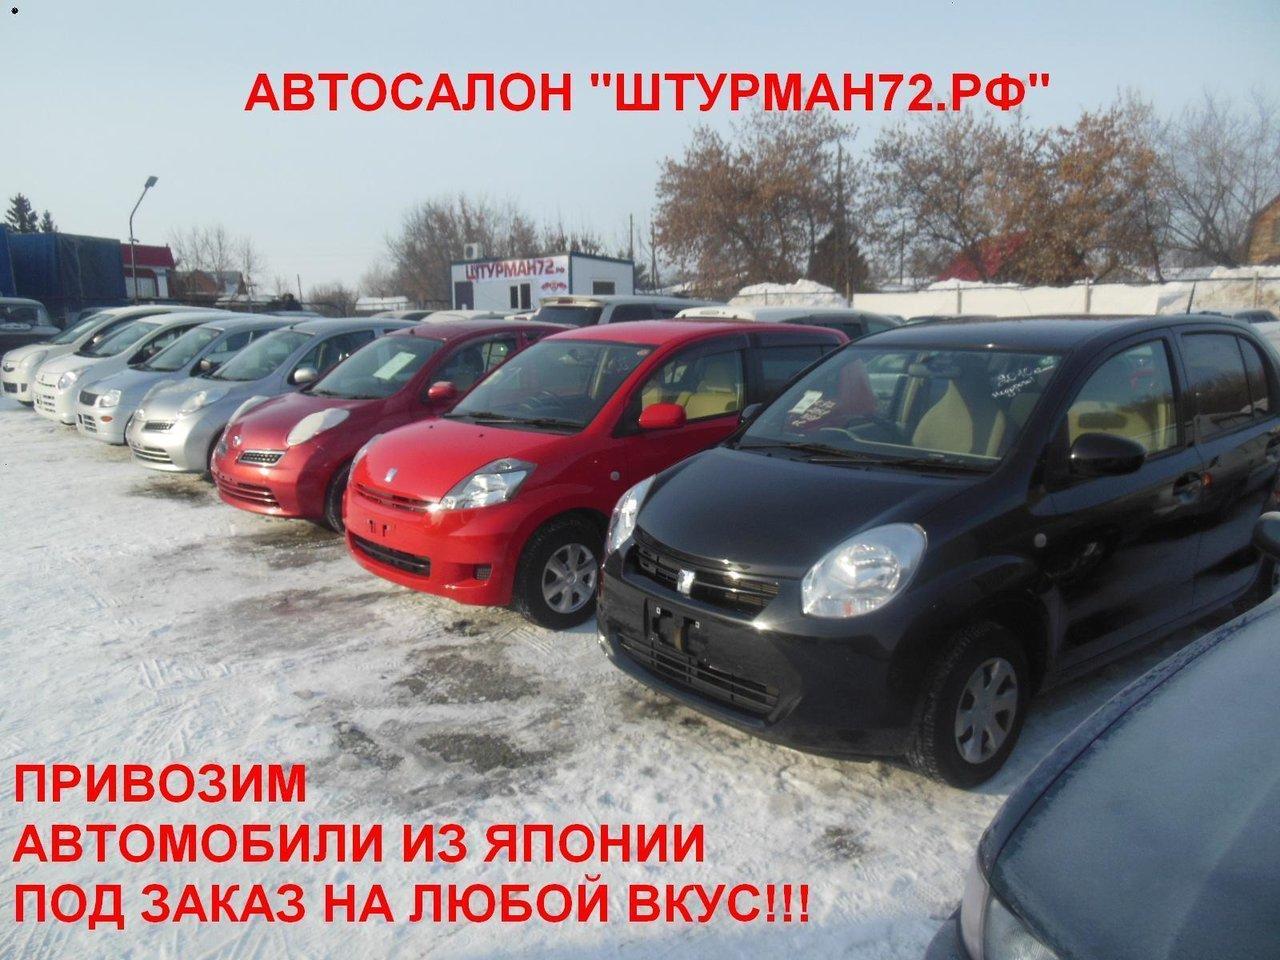 Продажа авто в тюмени частные объявления частные объявления по г.минску